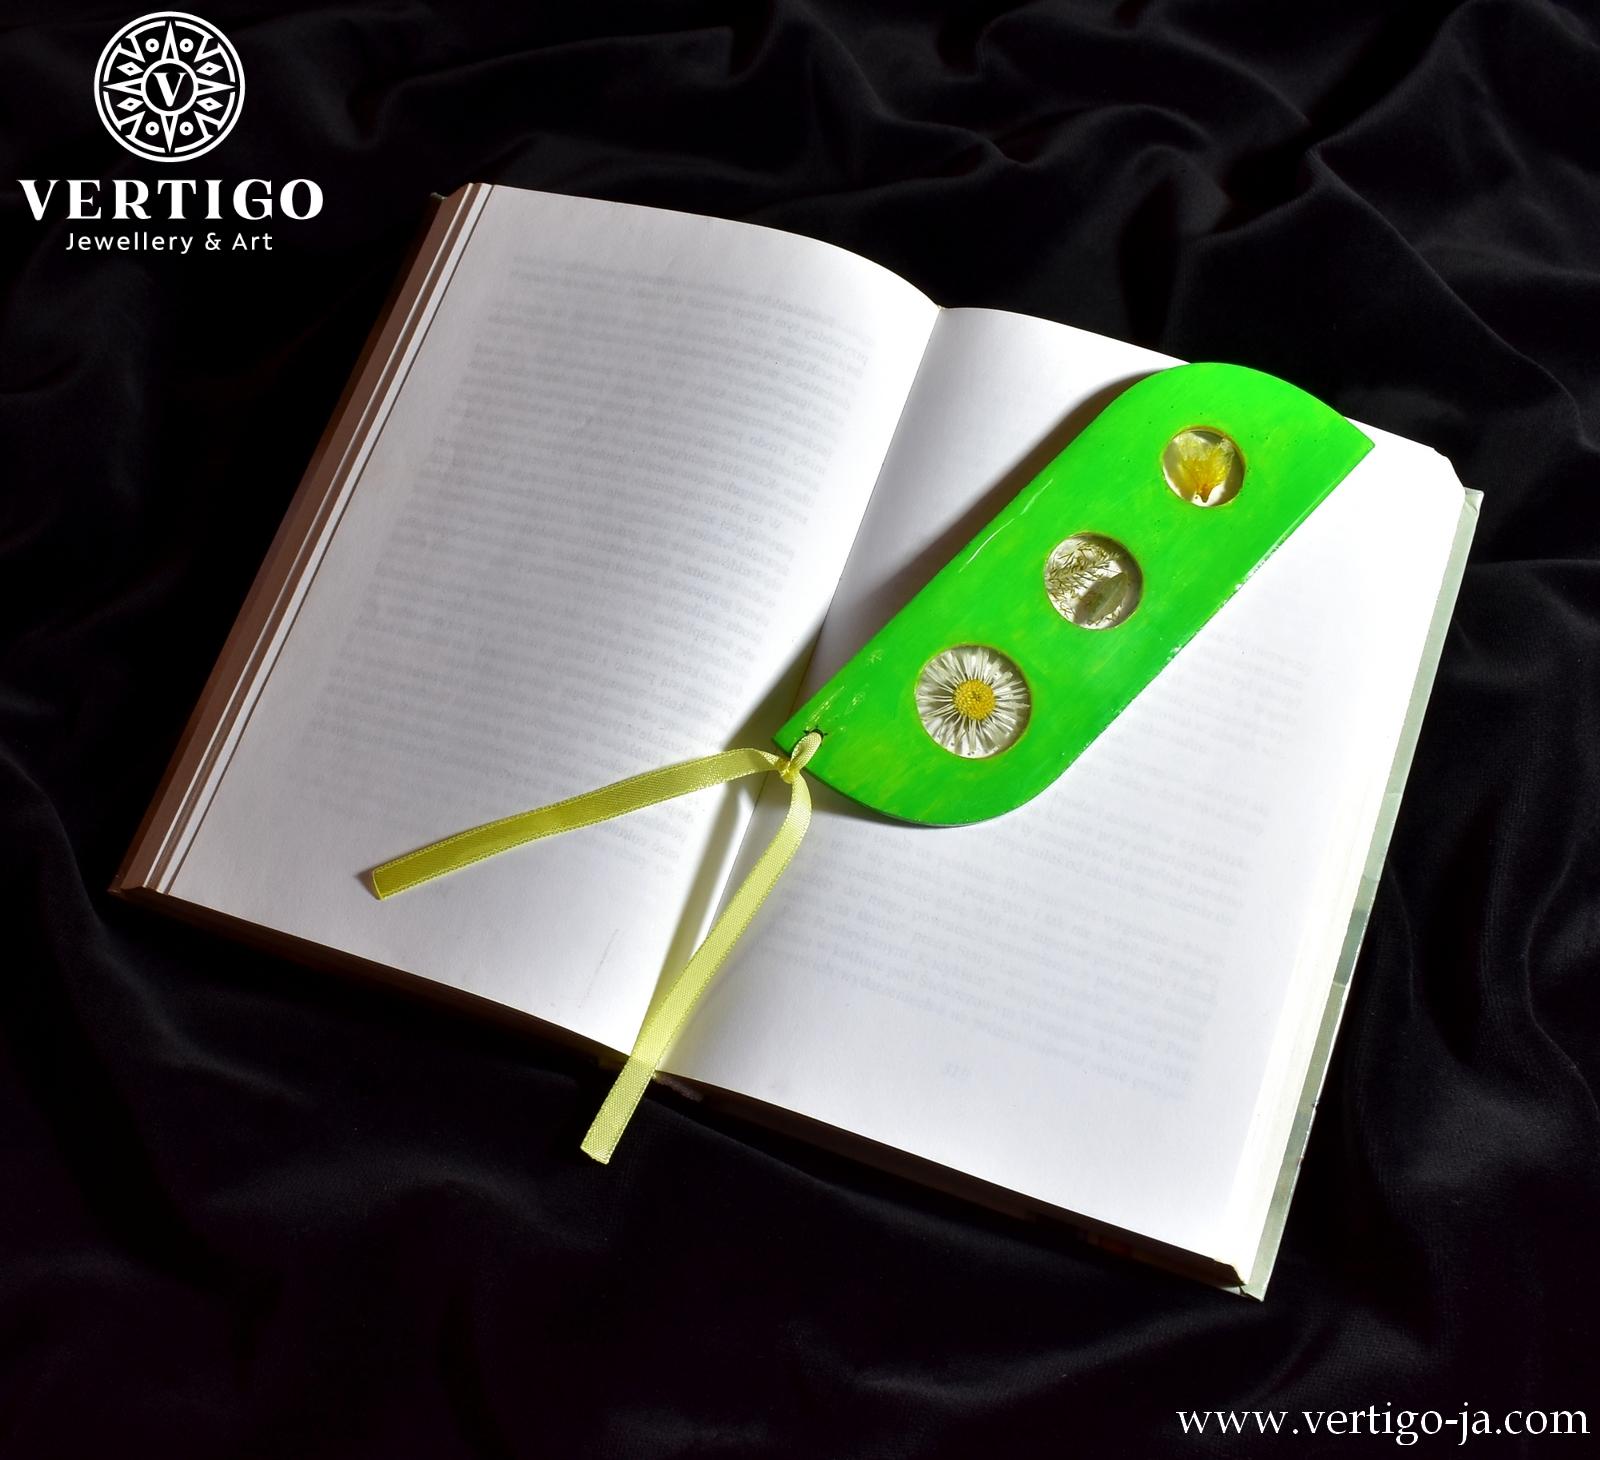 Zielona, drewniana zakładka z 3 otworami z zatopionymi w żywicy listami i kwiatami. Żółta wstążka.